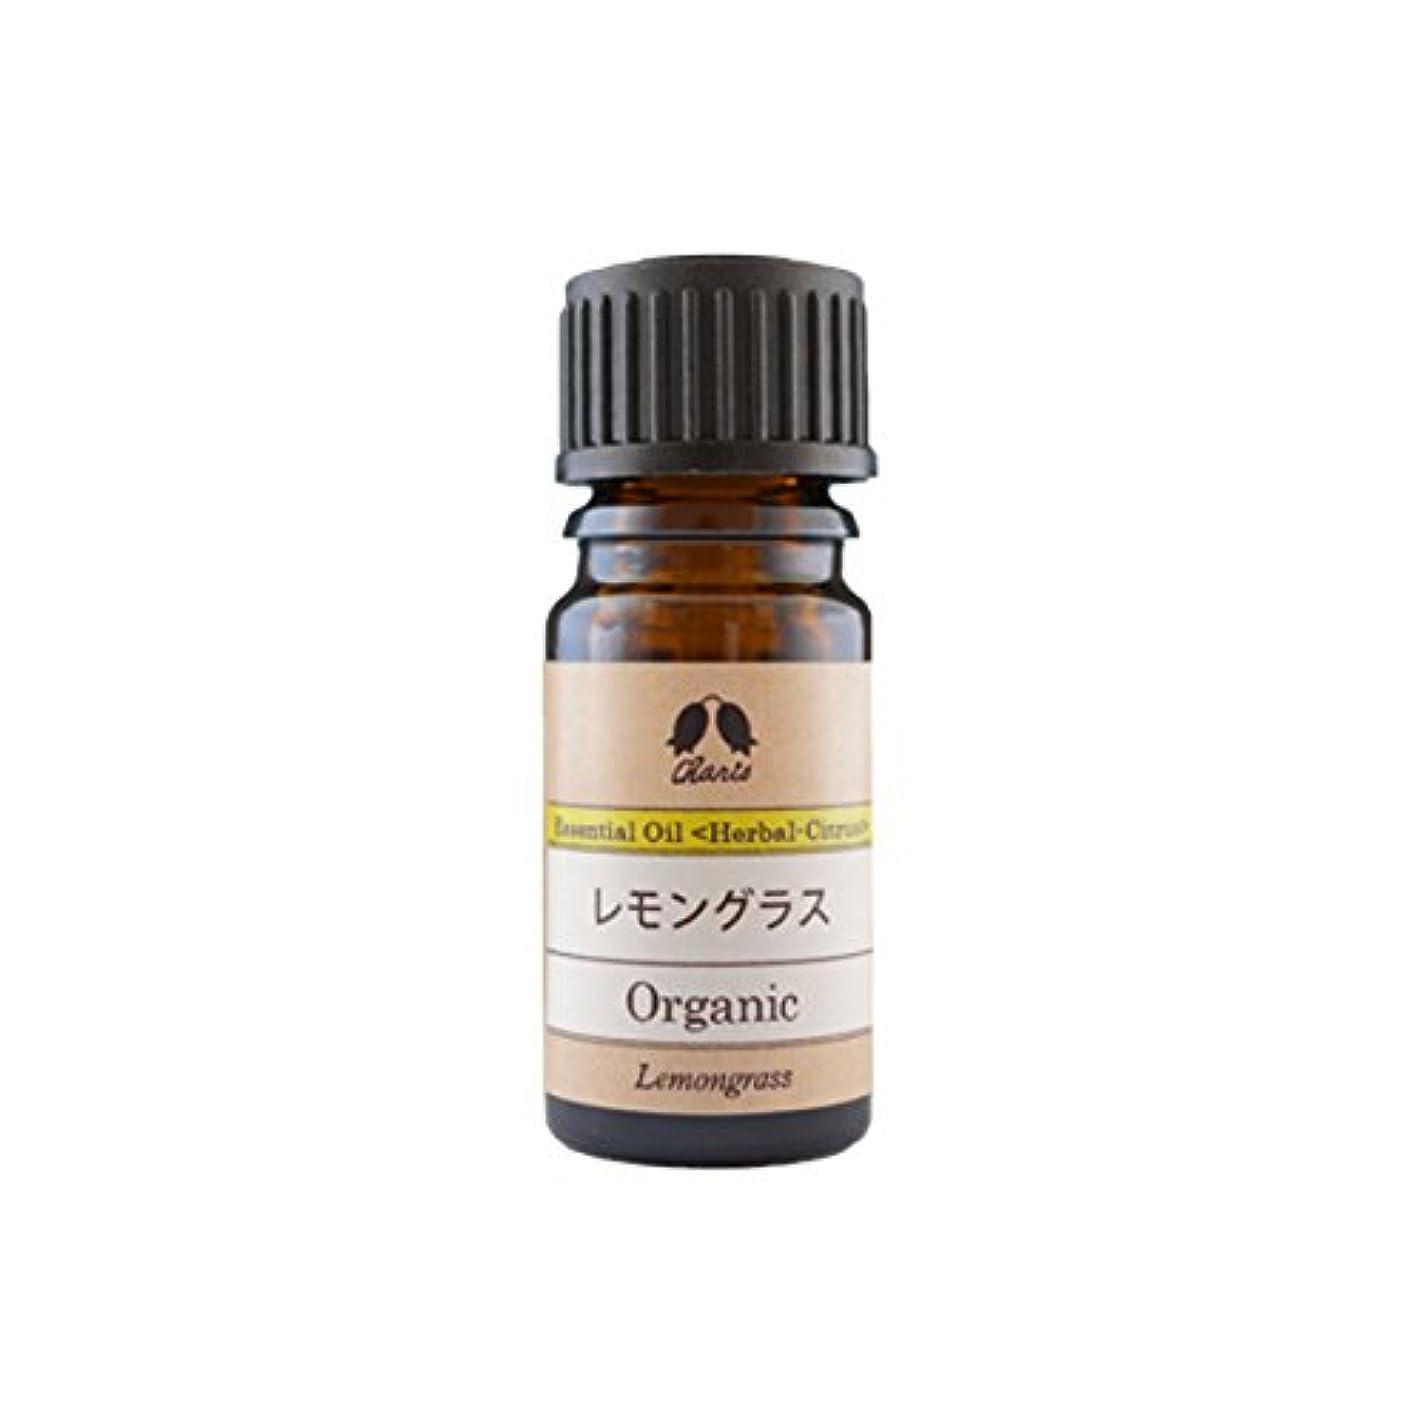 賛美歌カジュアルスノーケルカリス エッセンシャルオイル レモングラス オーガニック オイル 5ml